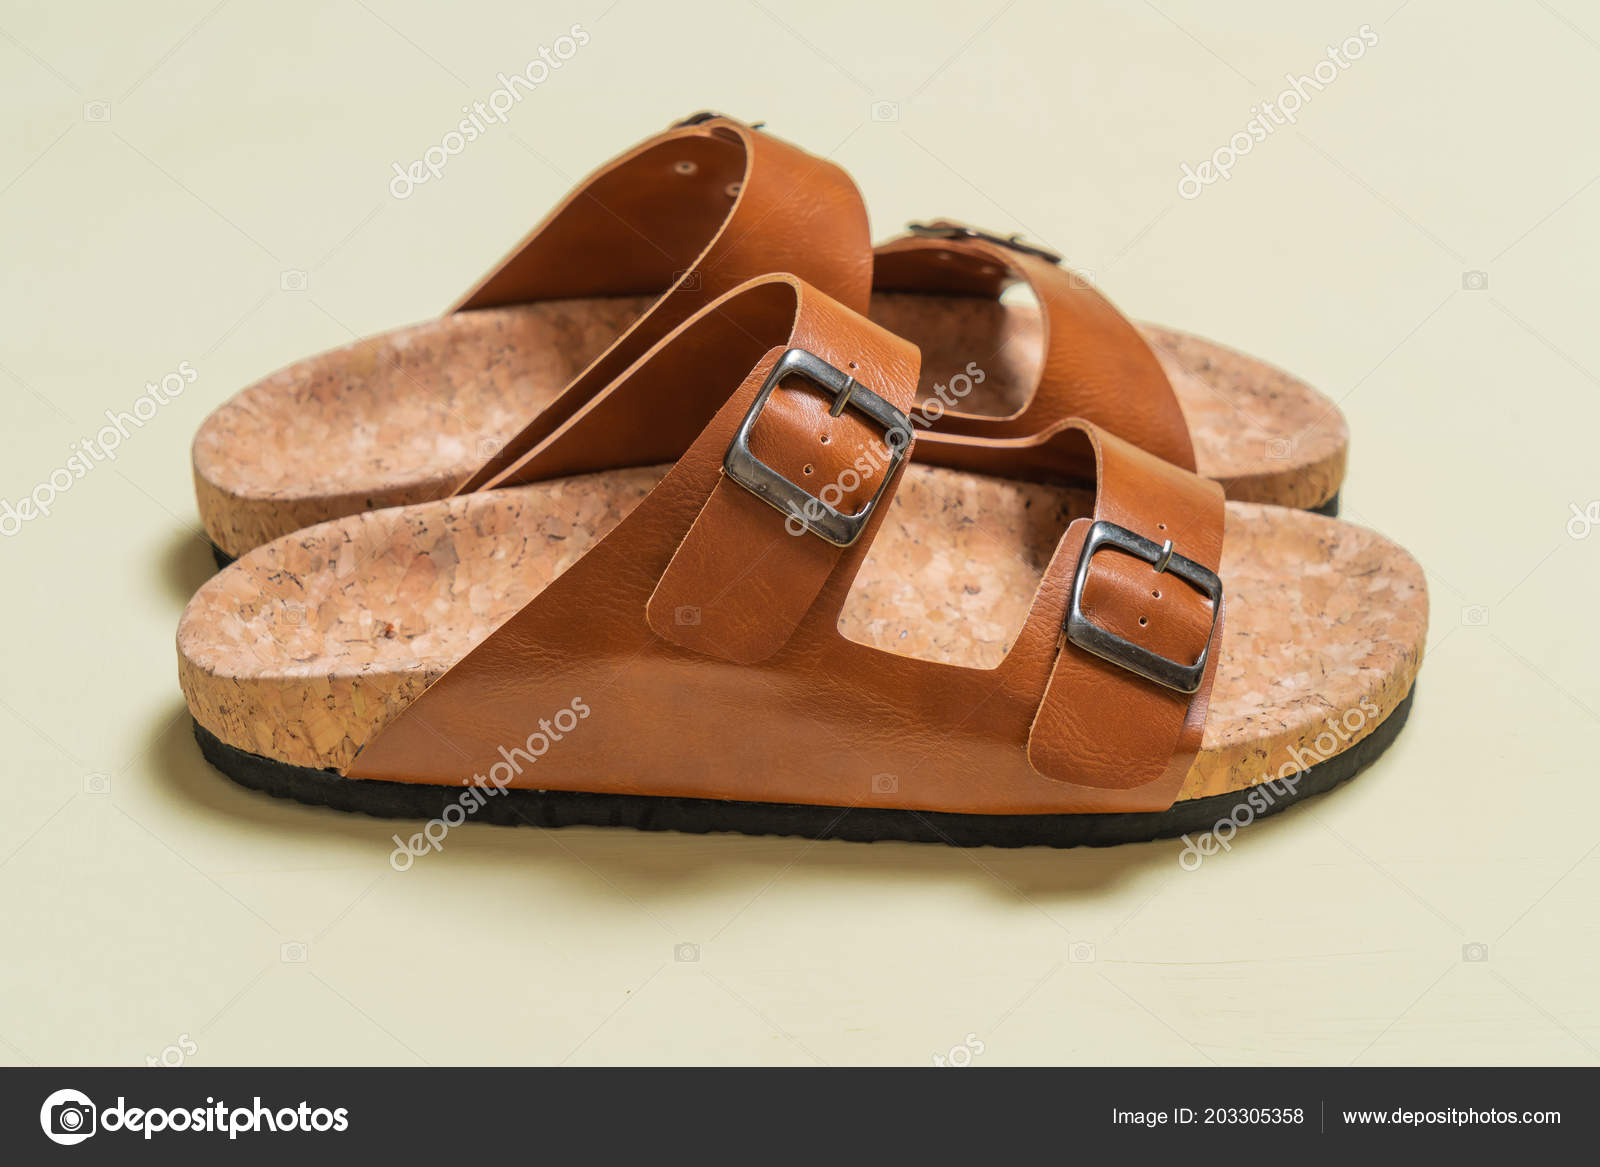 Mode Cuir Sandales Féminine Masculine Unisexe EIe9YWDH2